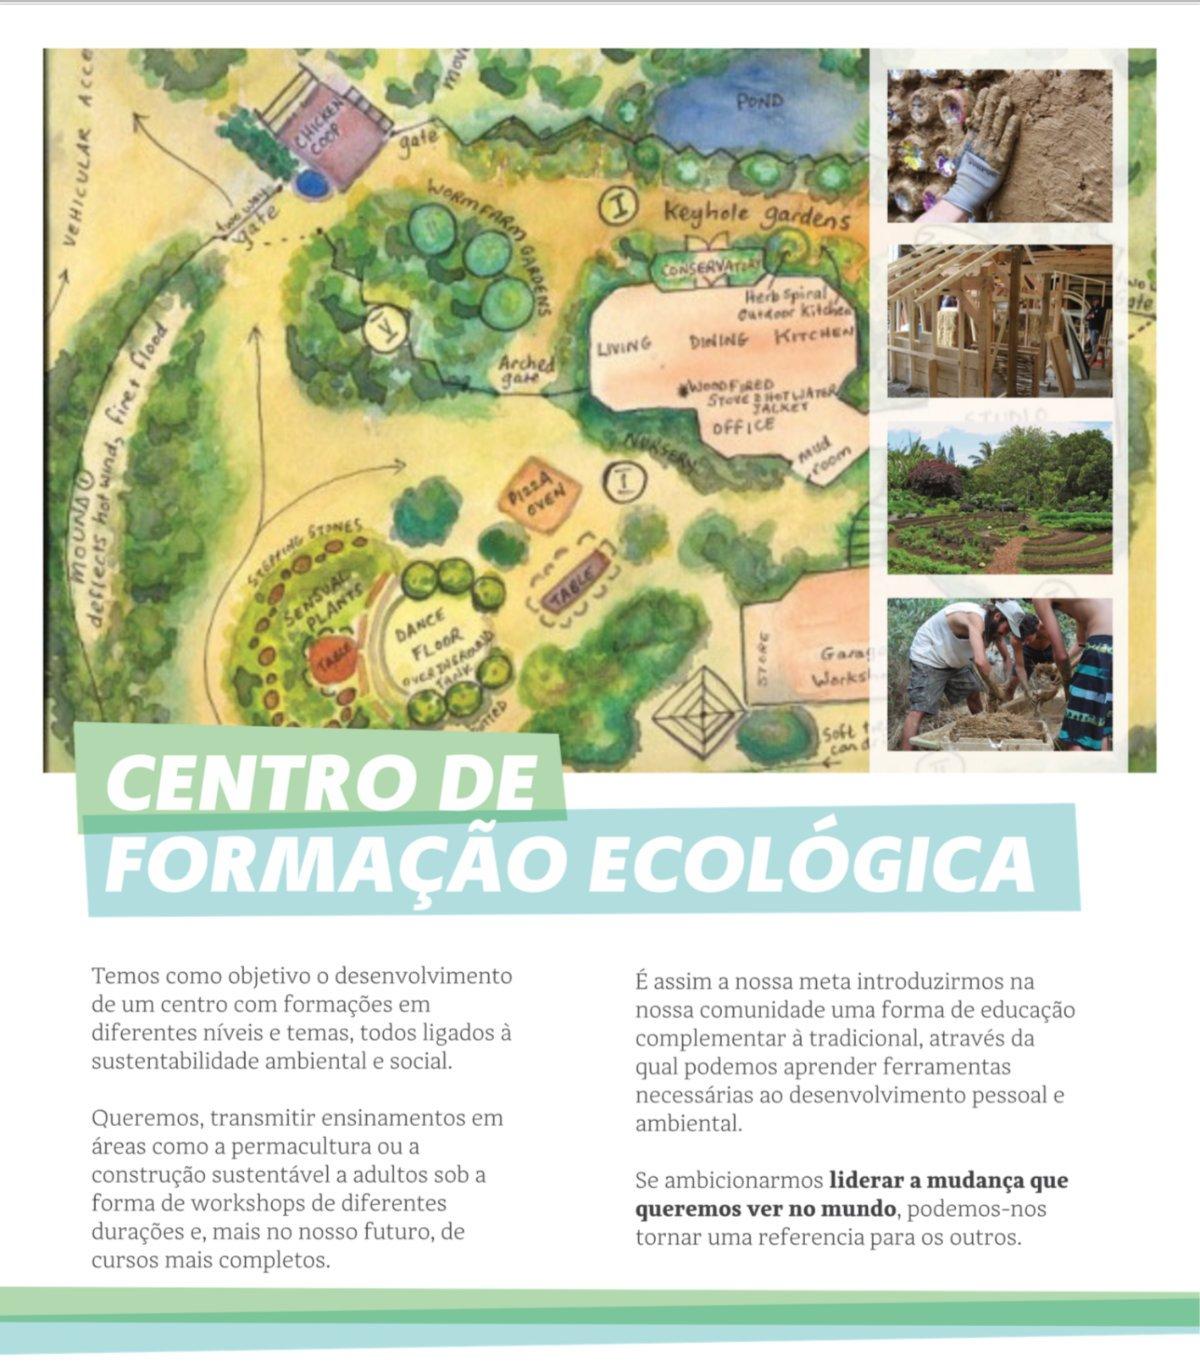 Centro Formação Ecológica